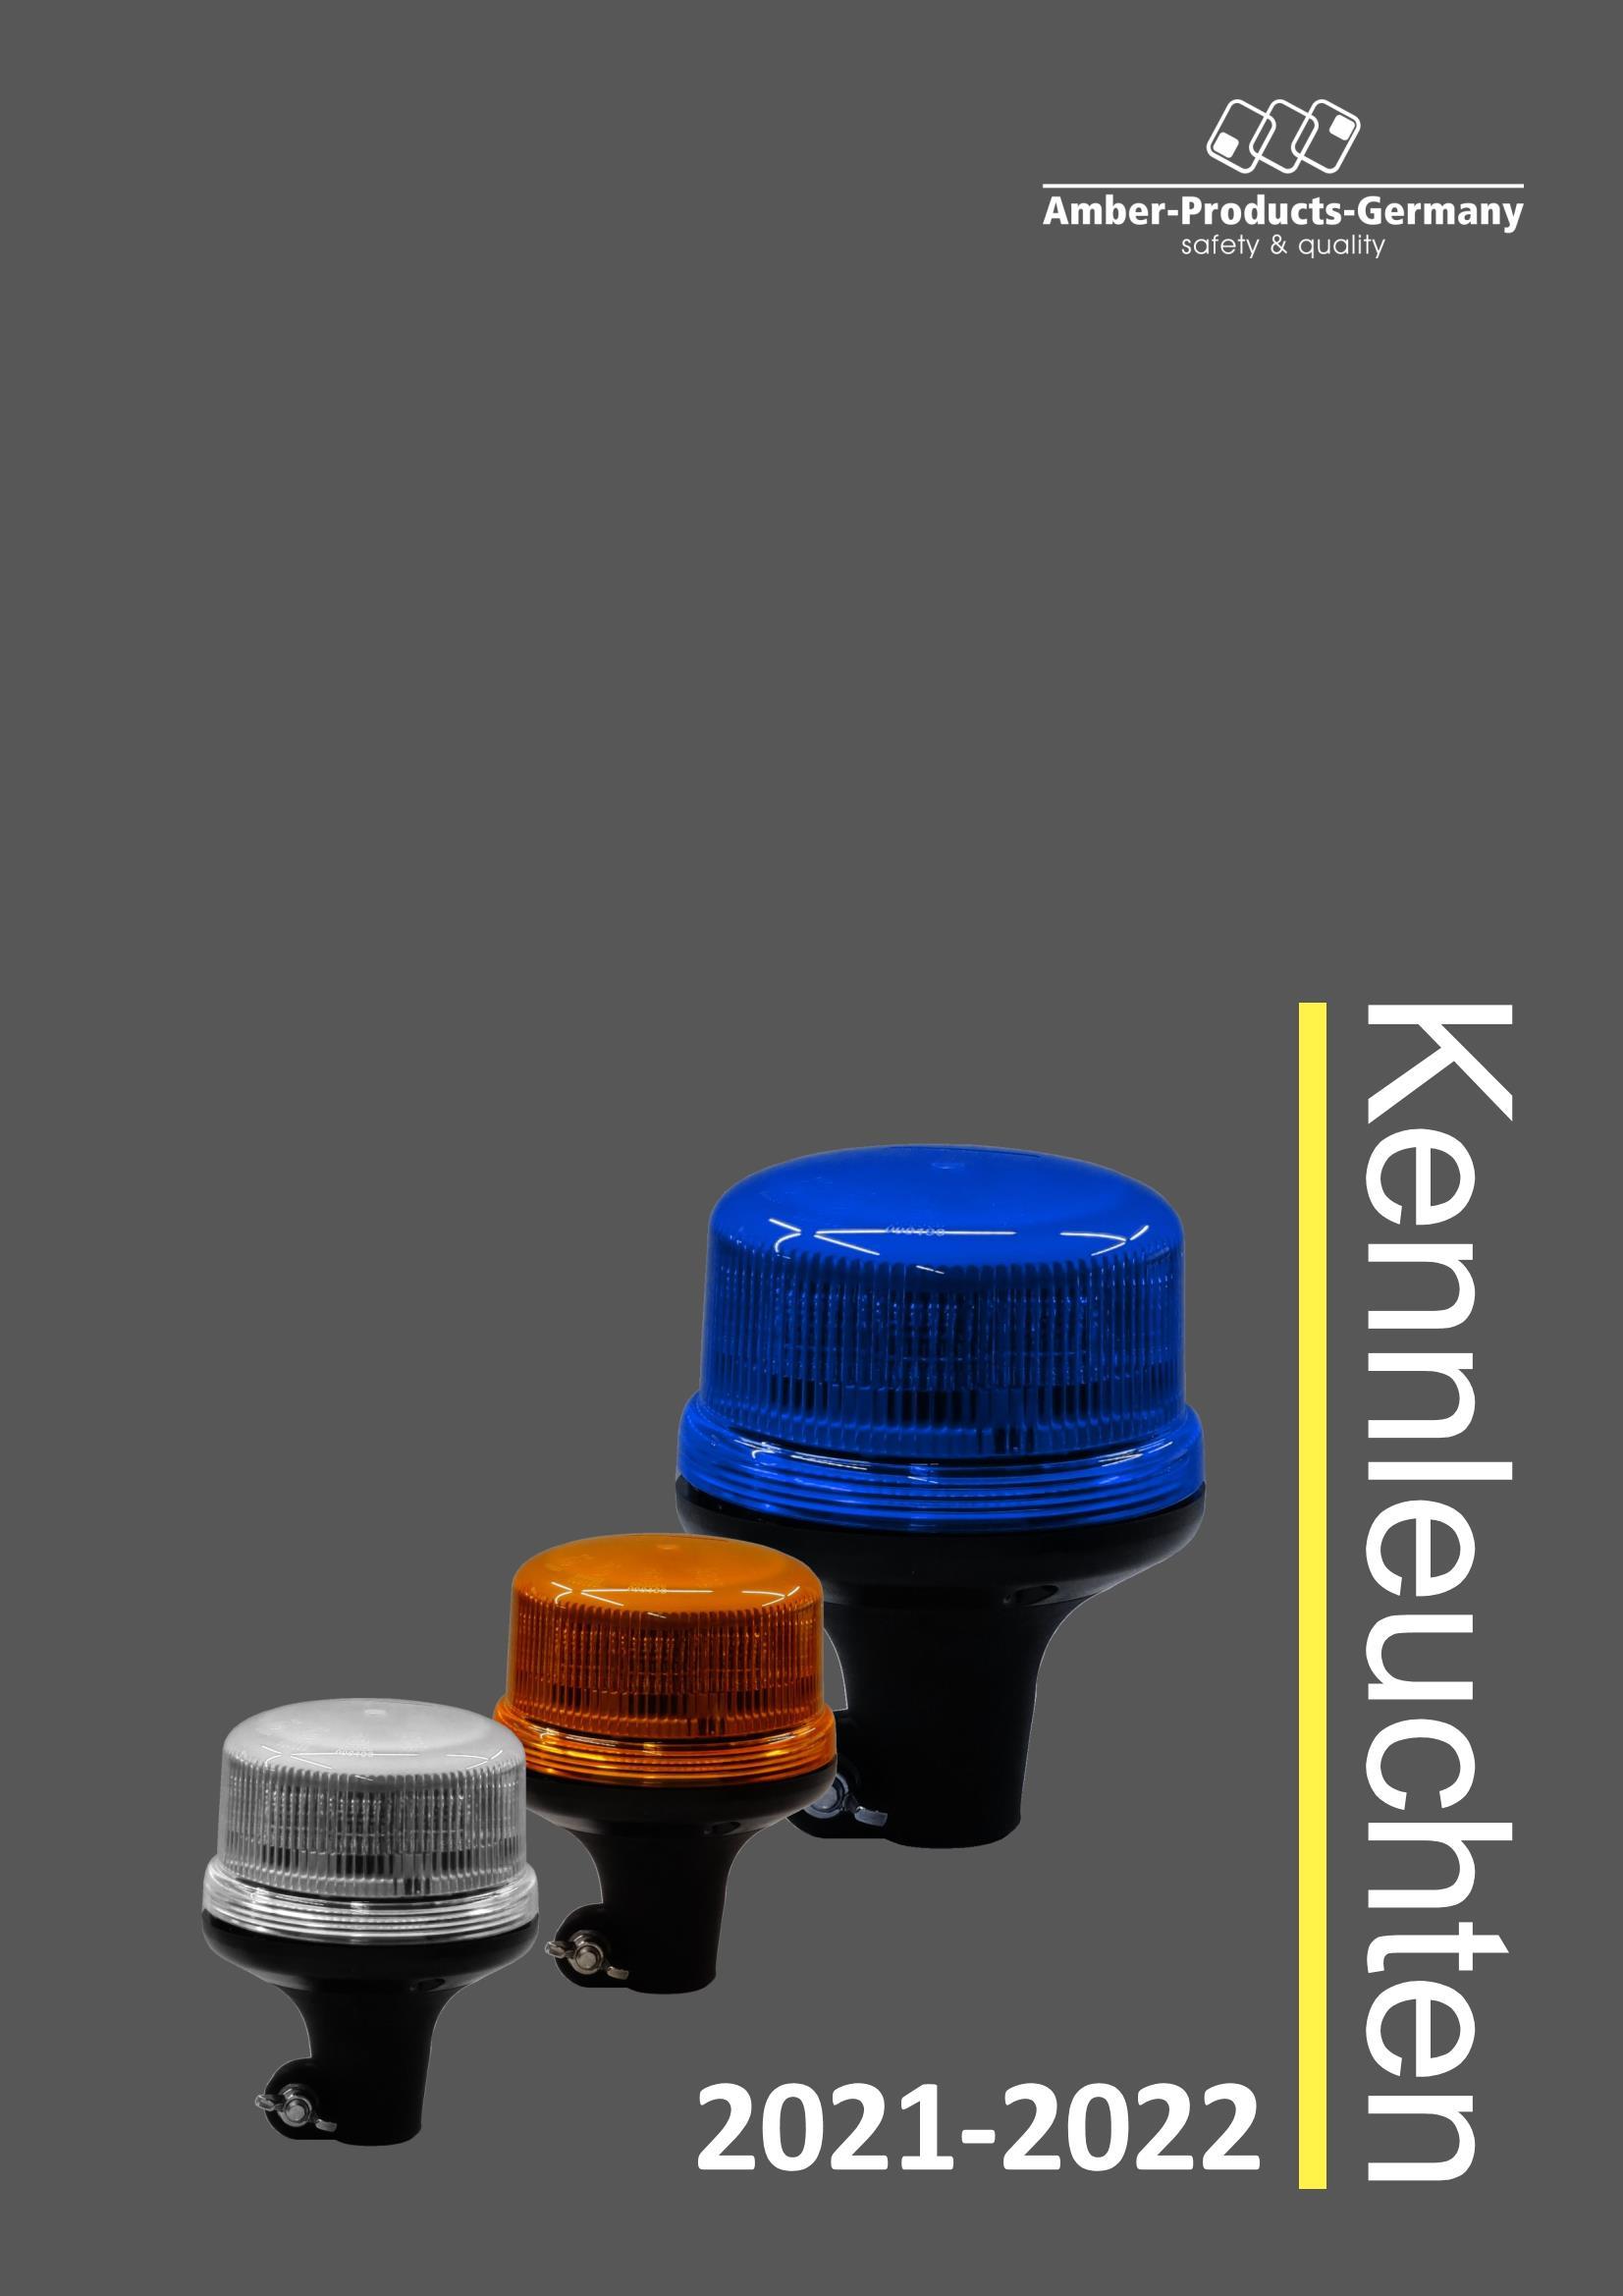 APGermany_Kennleuchten_Katalog_2021-2022